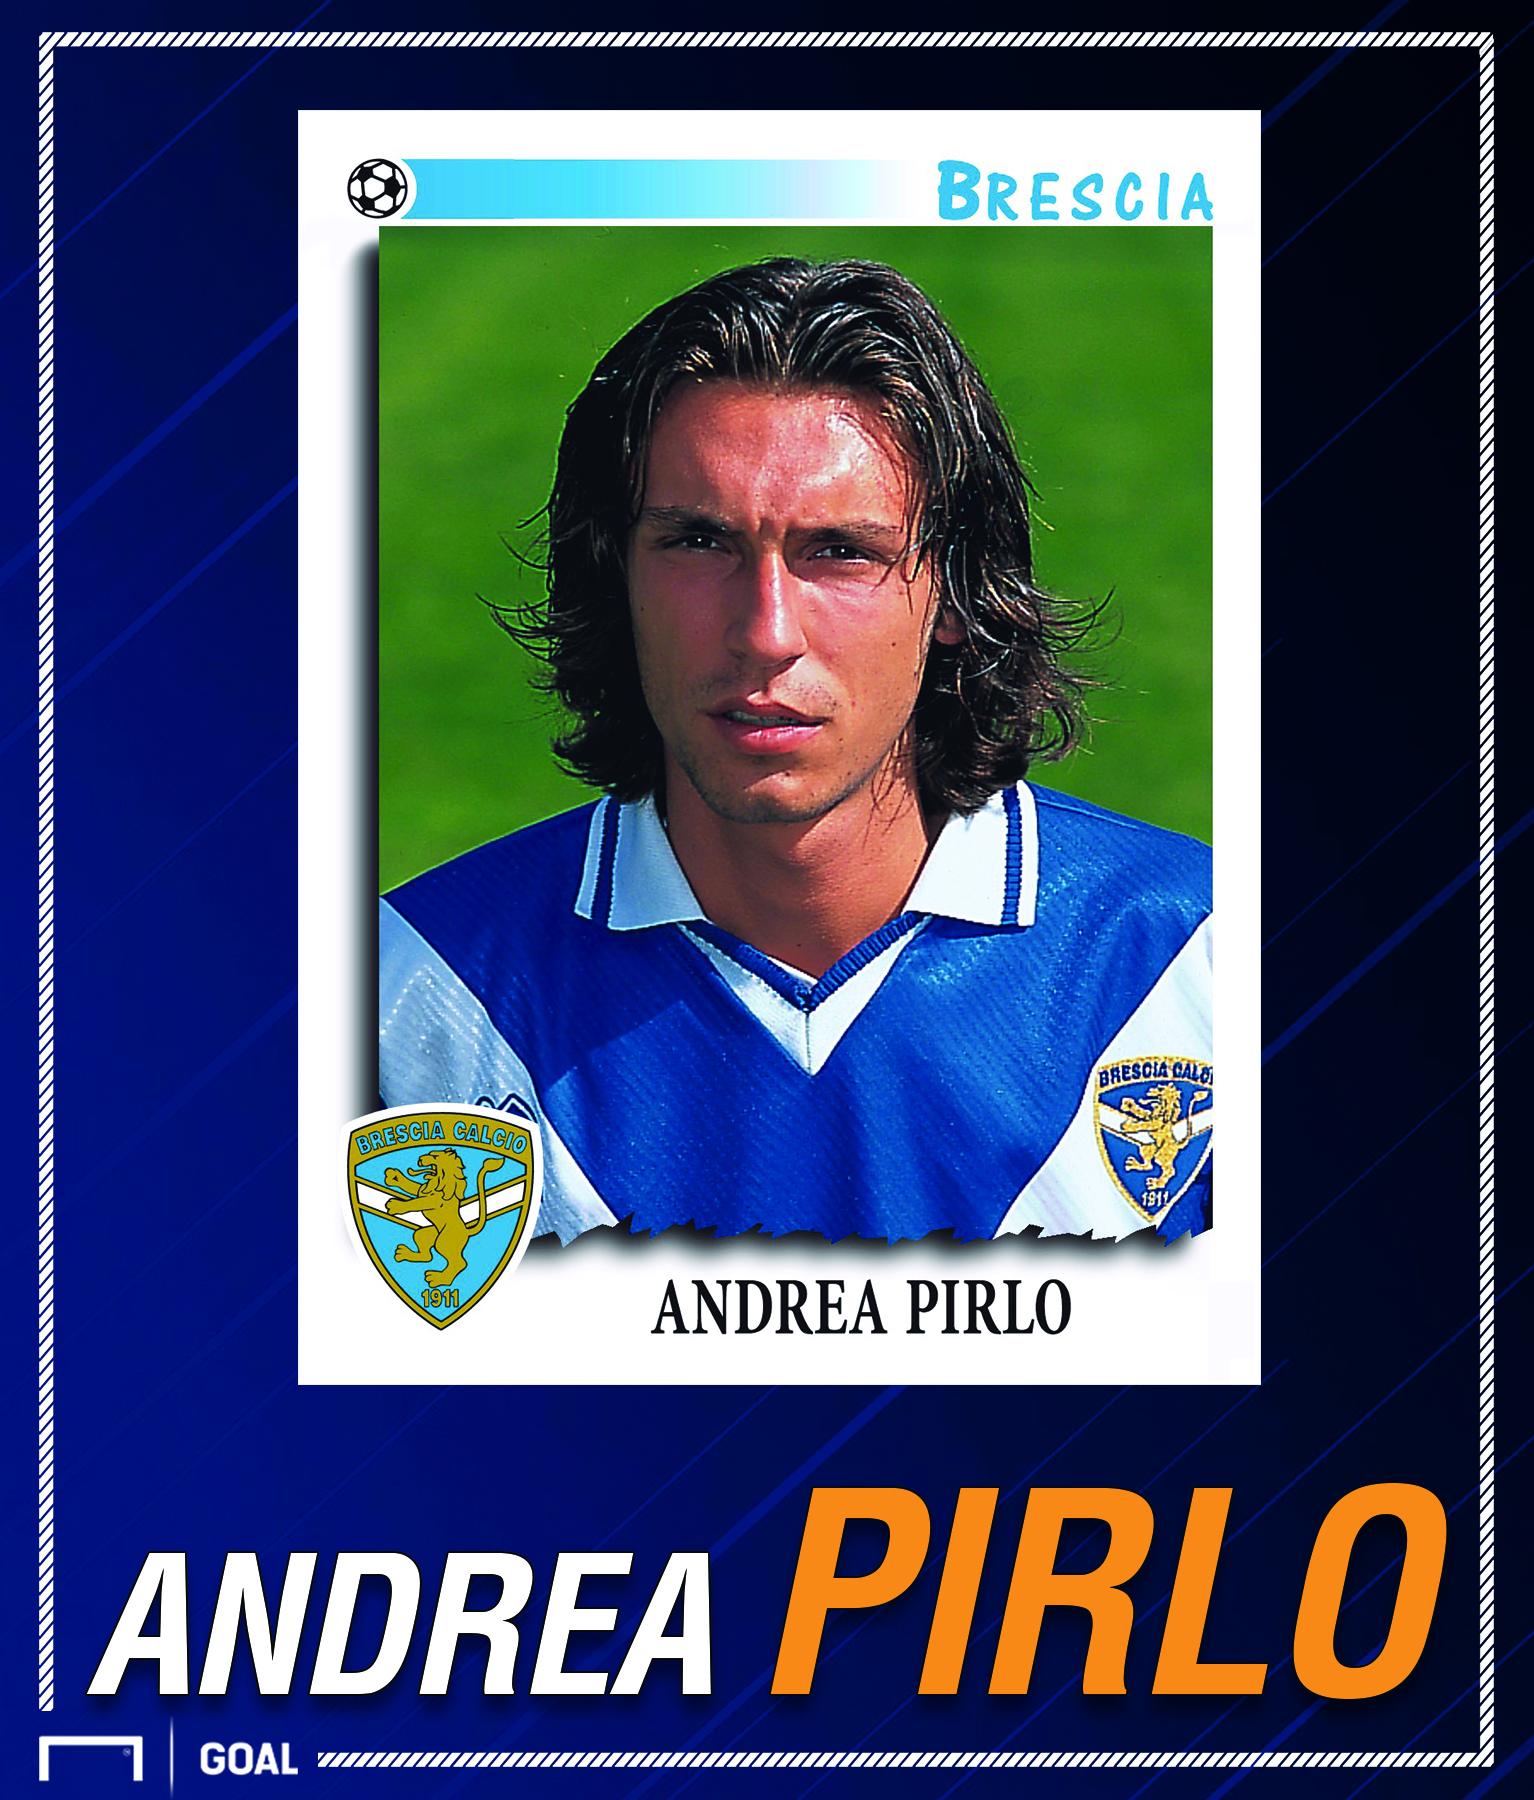 Andrea Pirlo Brescia card